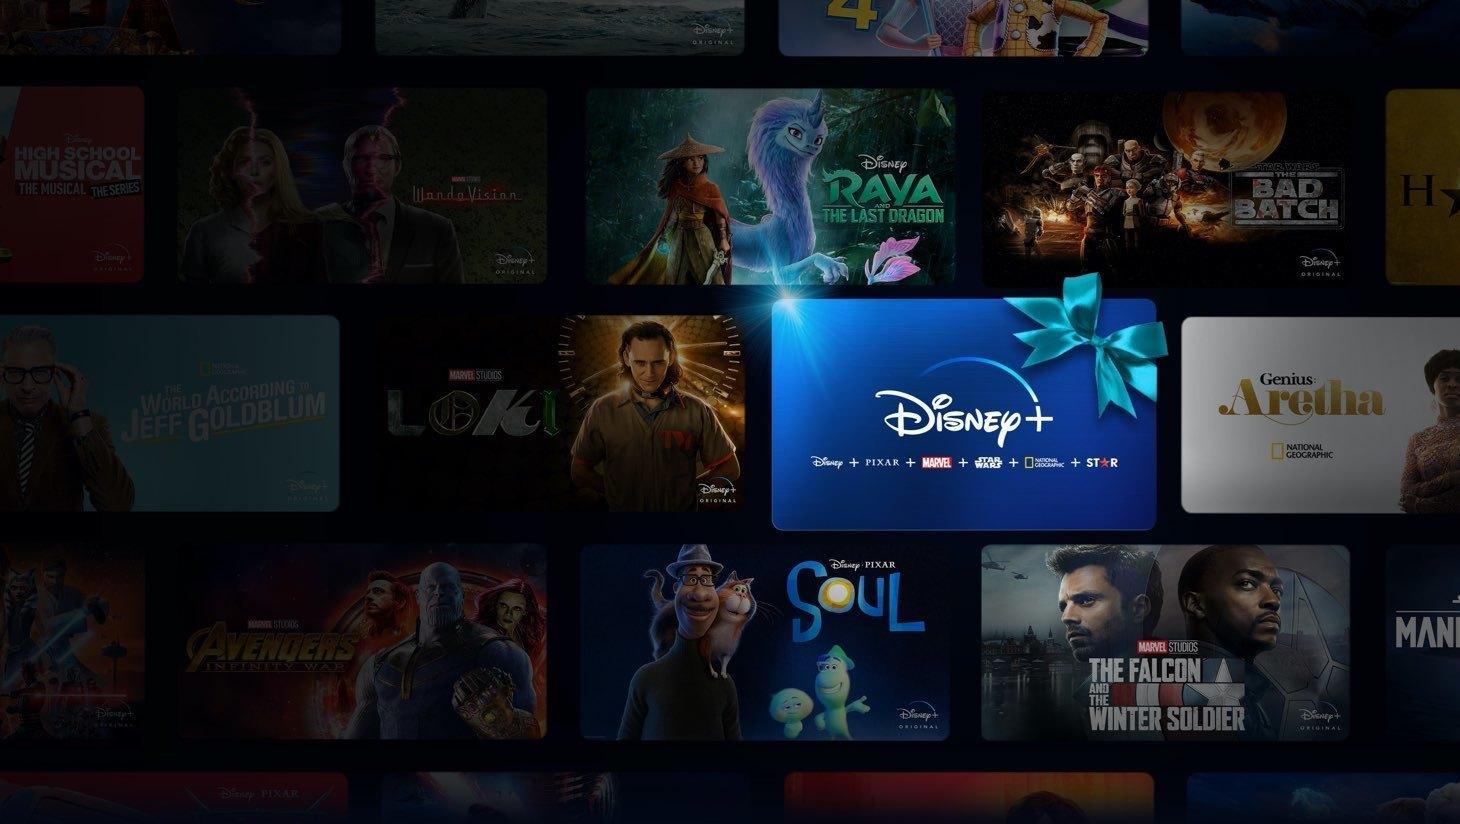 Disney+ subscription card